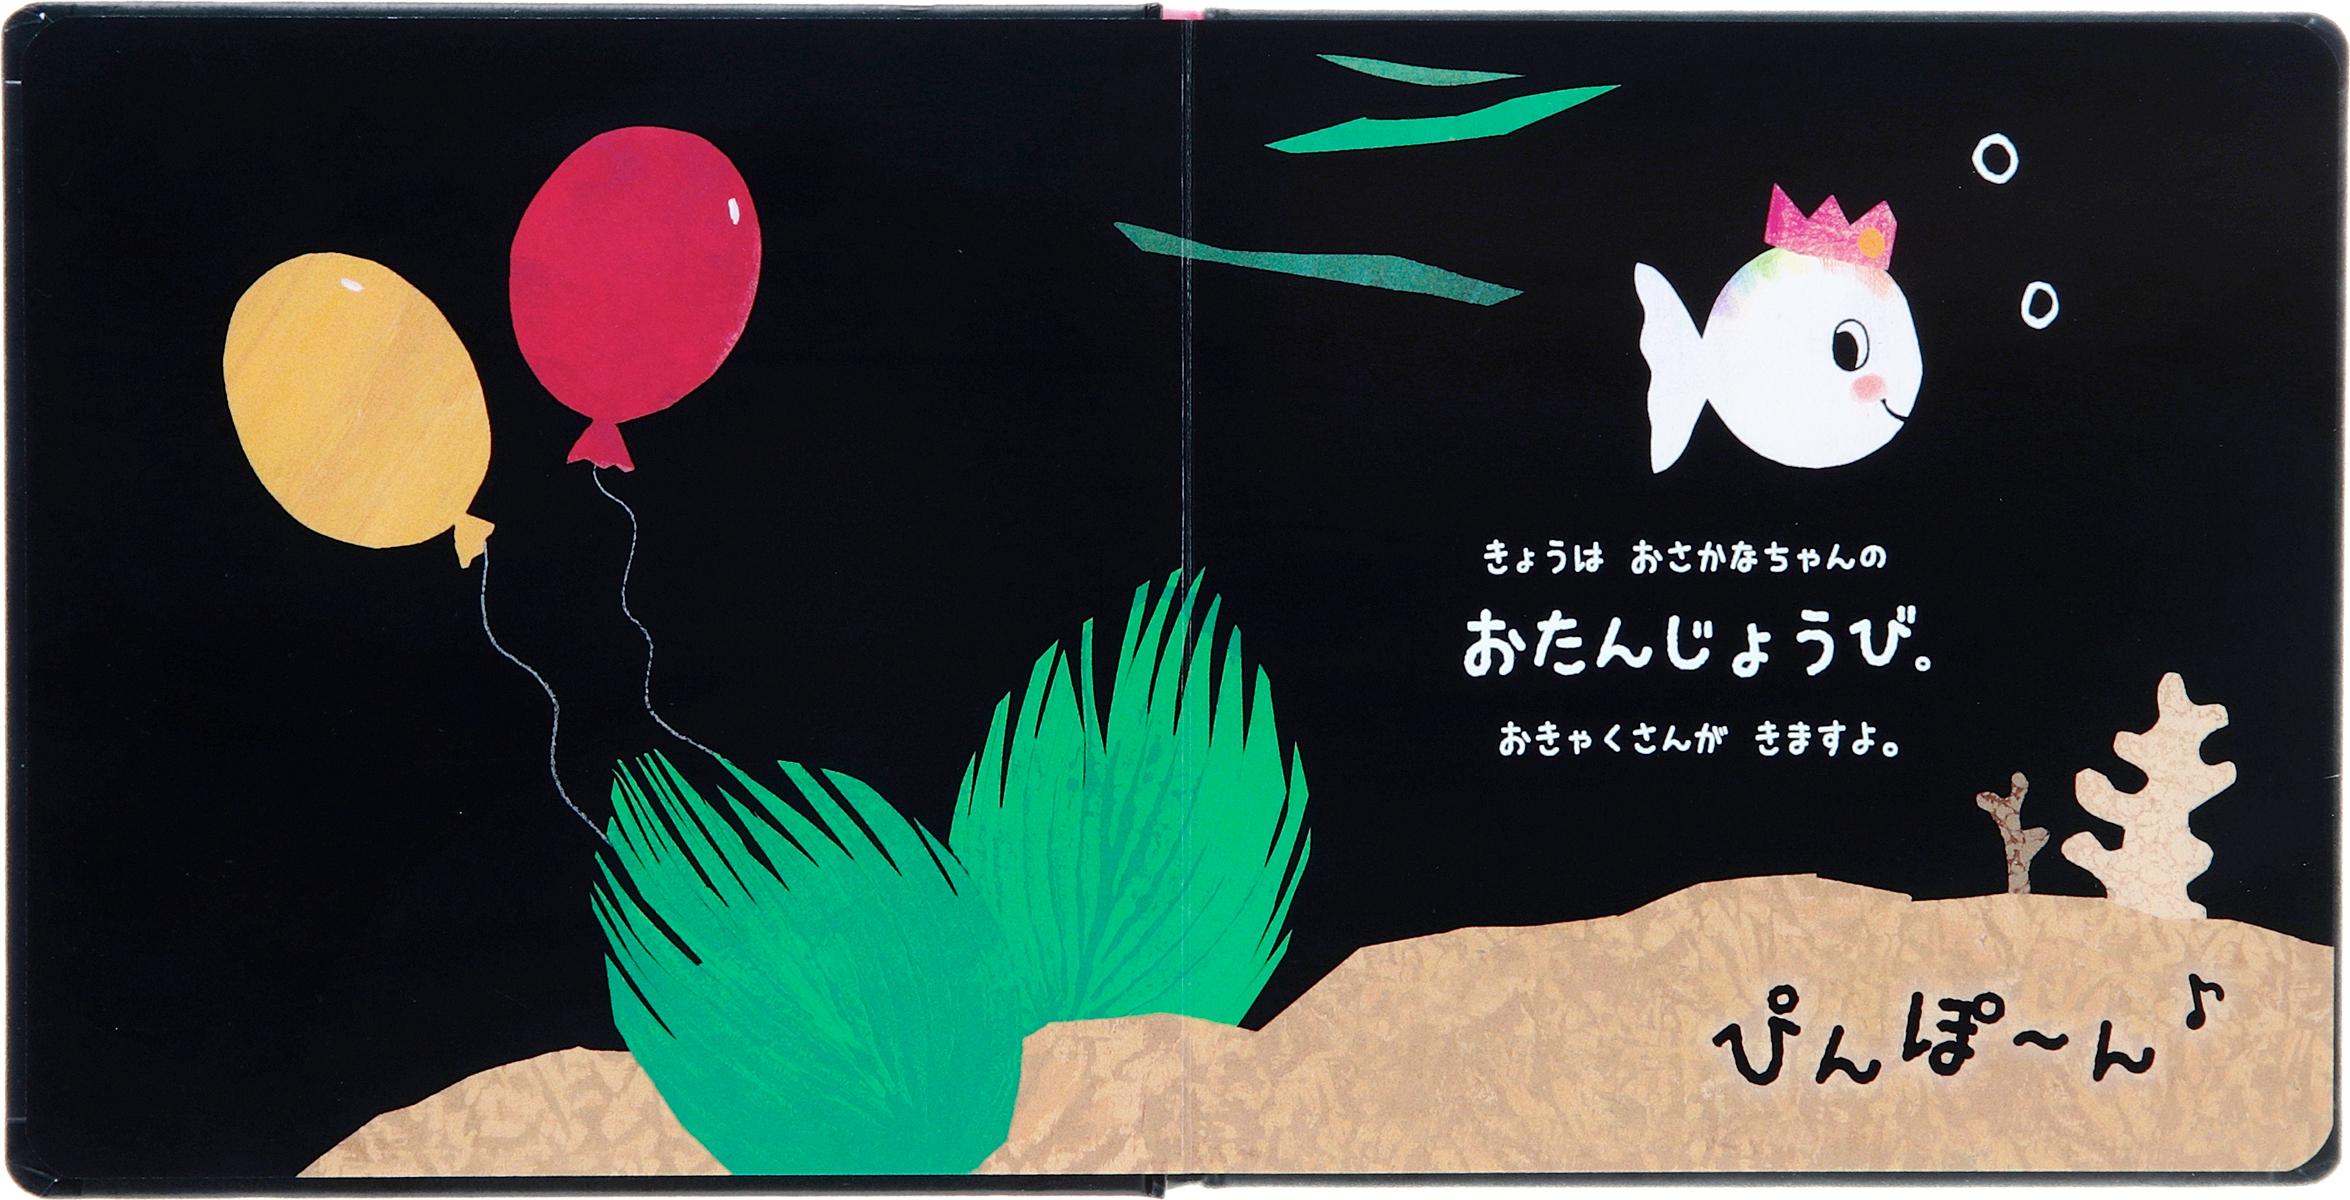 「改訳新版 おさかなちゃんの ぴんぽ~ん」冒頭ページ 紙面